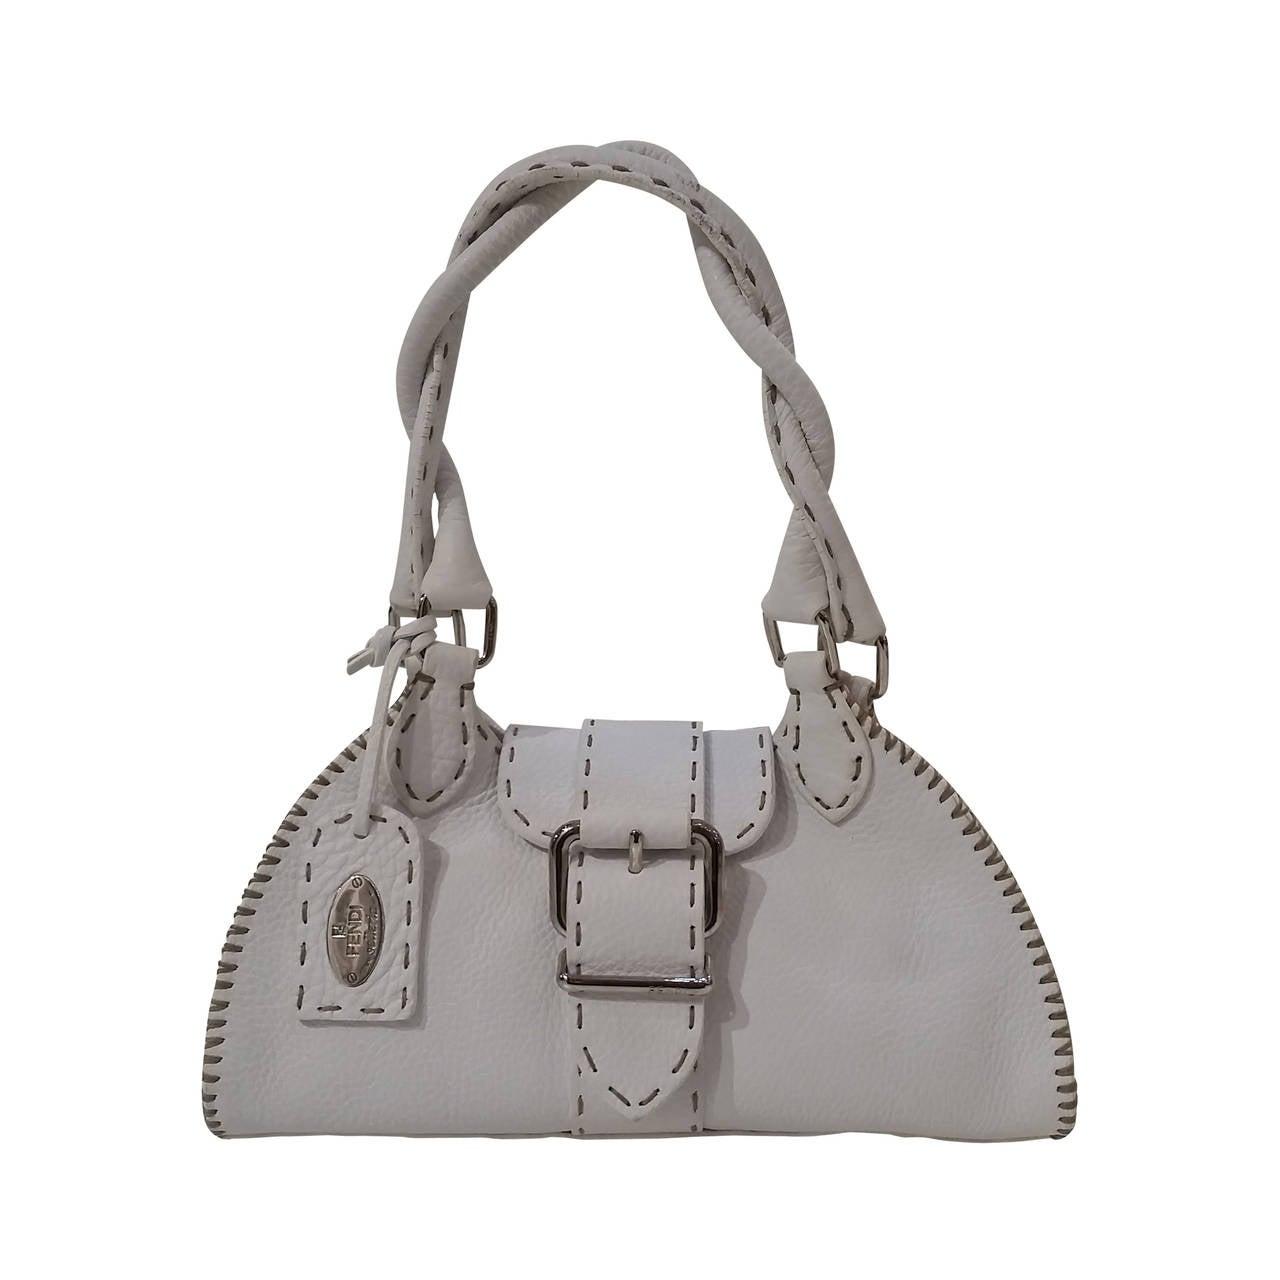 Fendi Bag Limited Edition